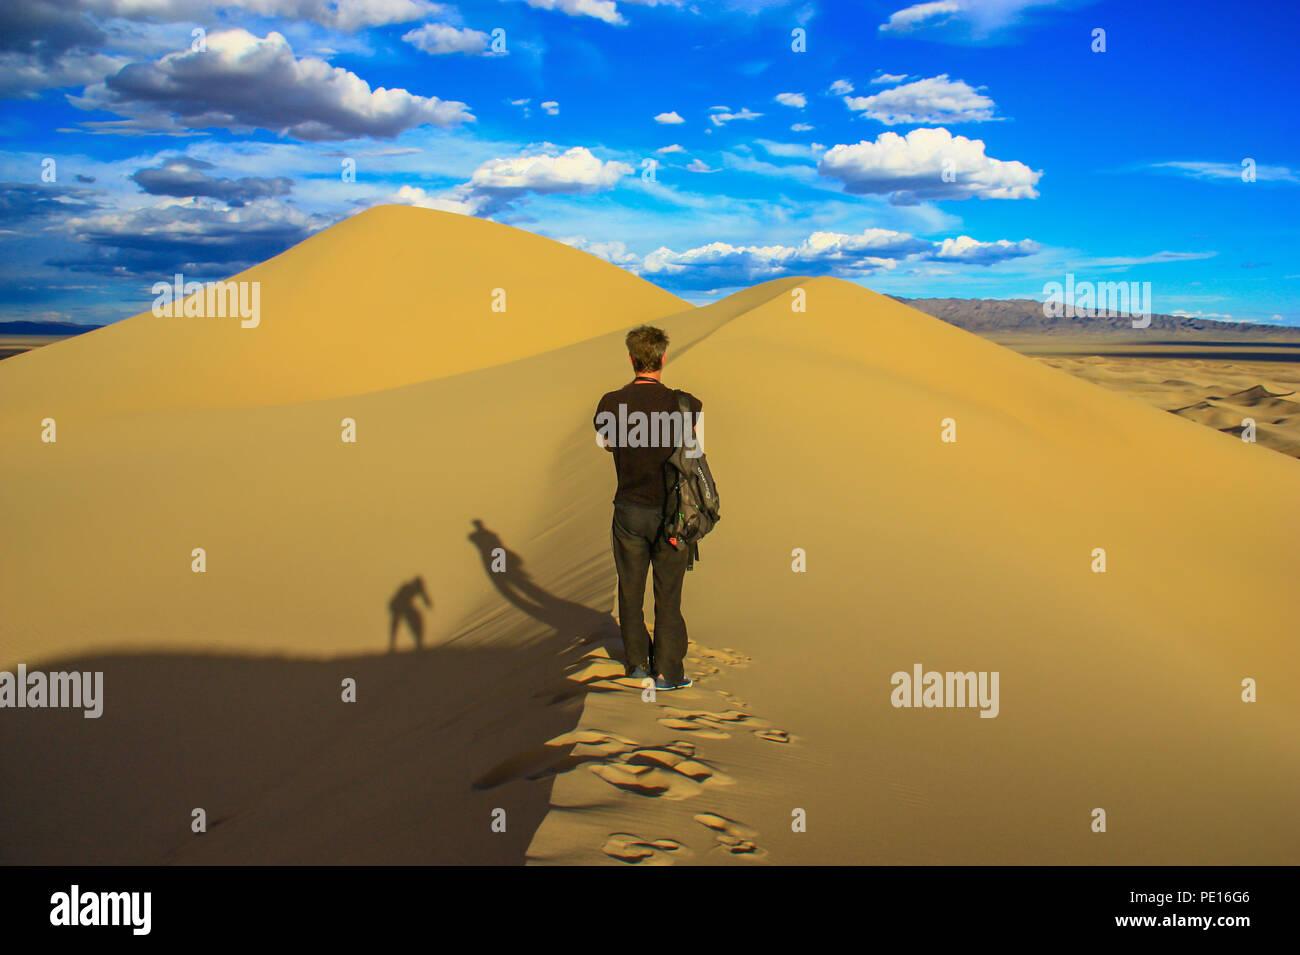 Désert de Gobi, la Mongolie - L'un des plus grands déserts du monde, avec des étés chauds et hivers de congélation, le désert de Gobi offre différents paysages Photo Stock